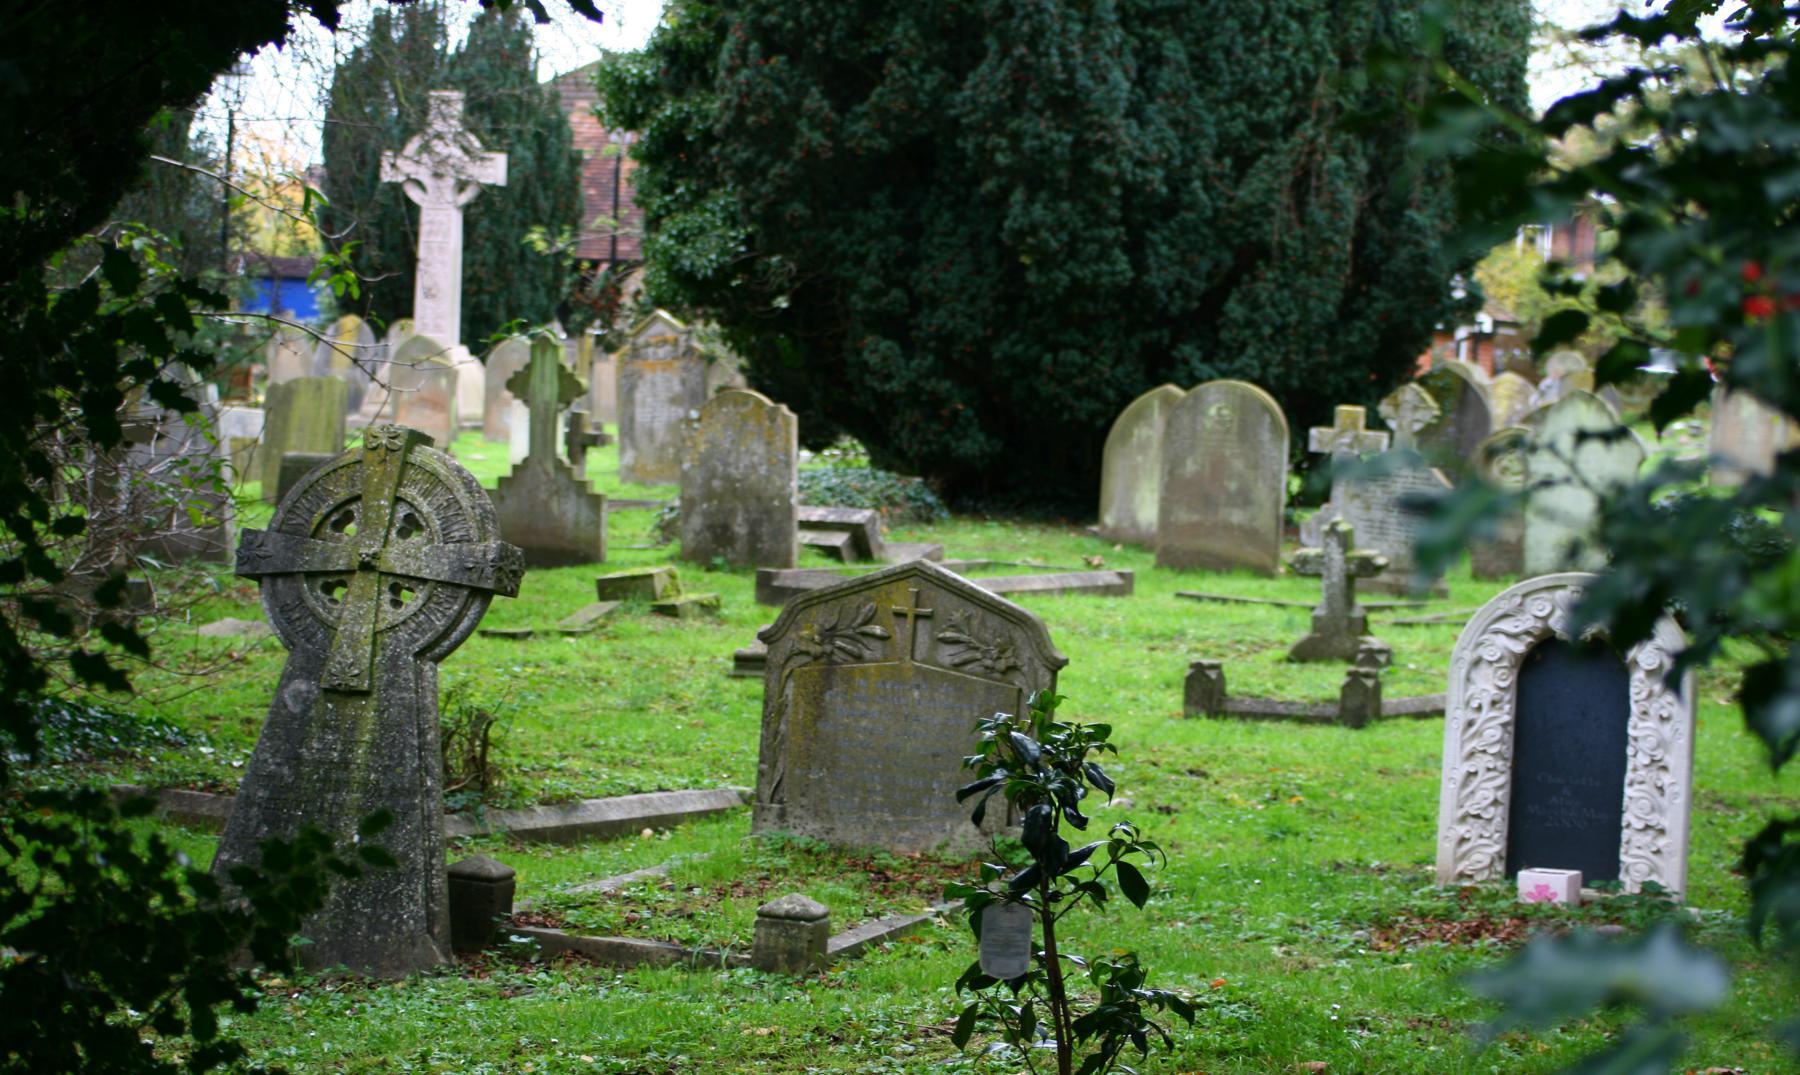 Los 5 cementerios más bonitos del mundo